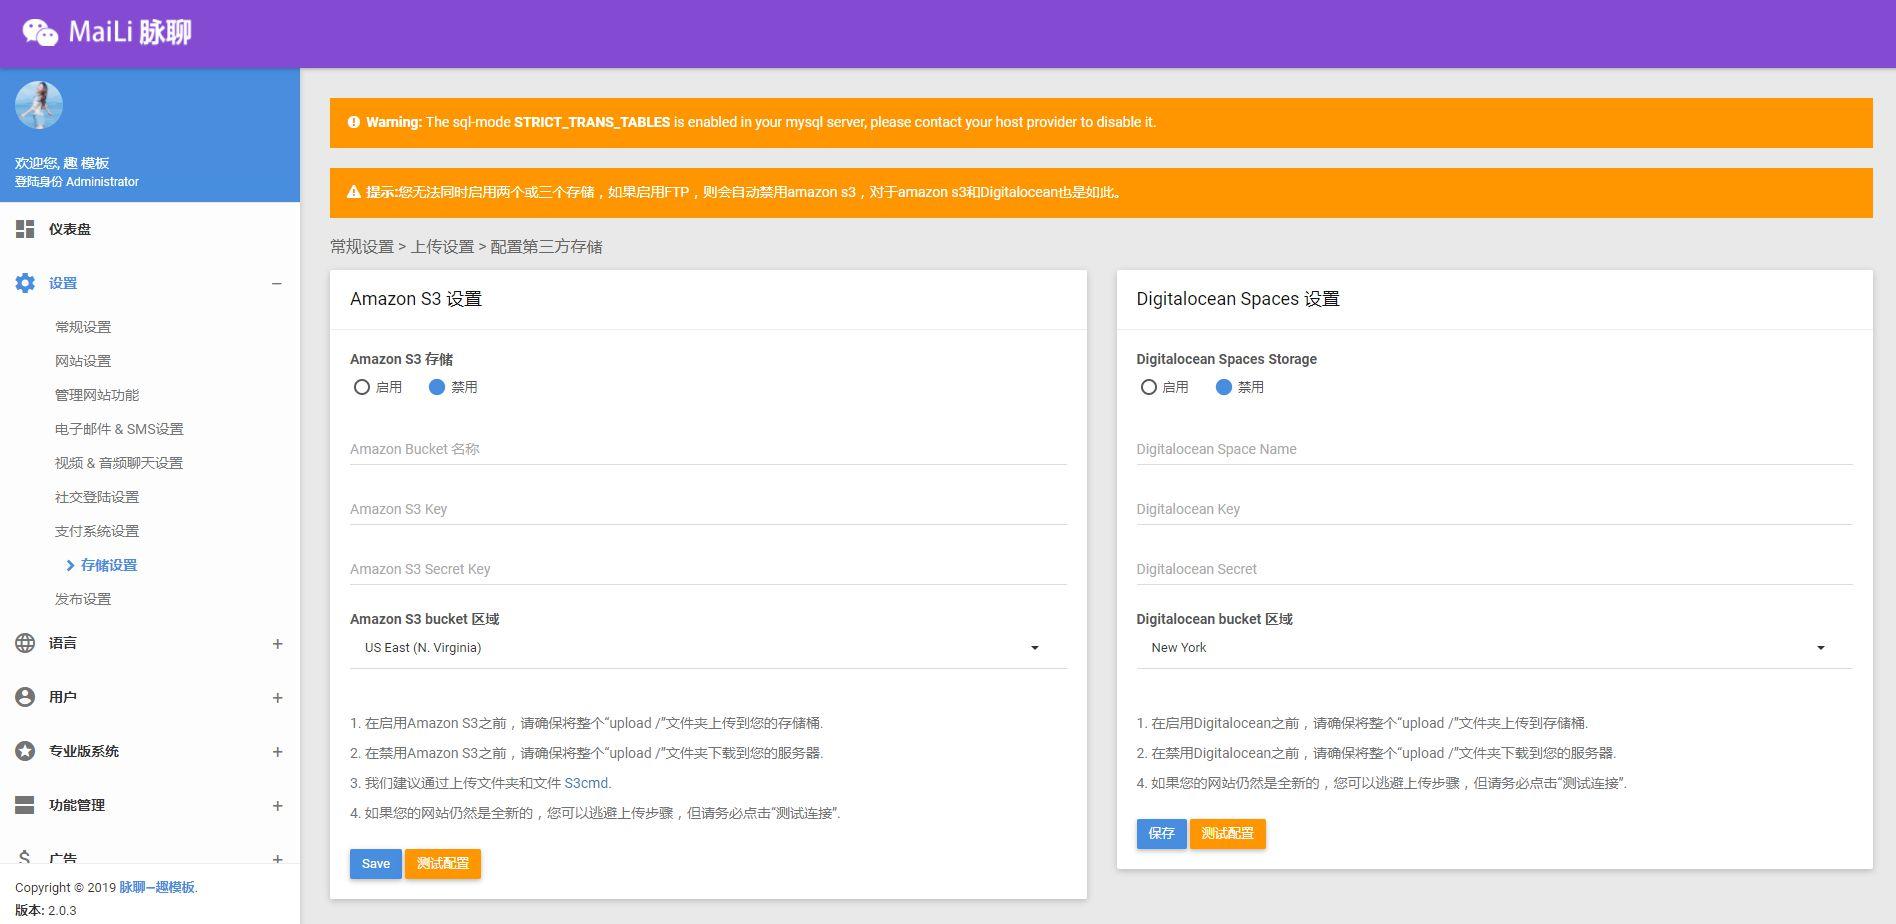 脉聊社交网站源码类似微博的社交源码 模板UI非常漂亮自适应手机版 重点是有原生APP 终身会员专享 第13张